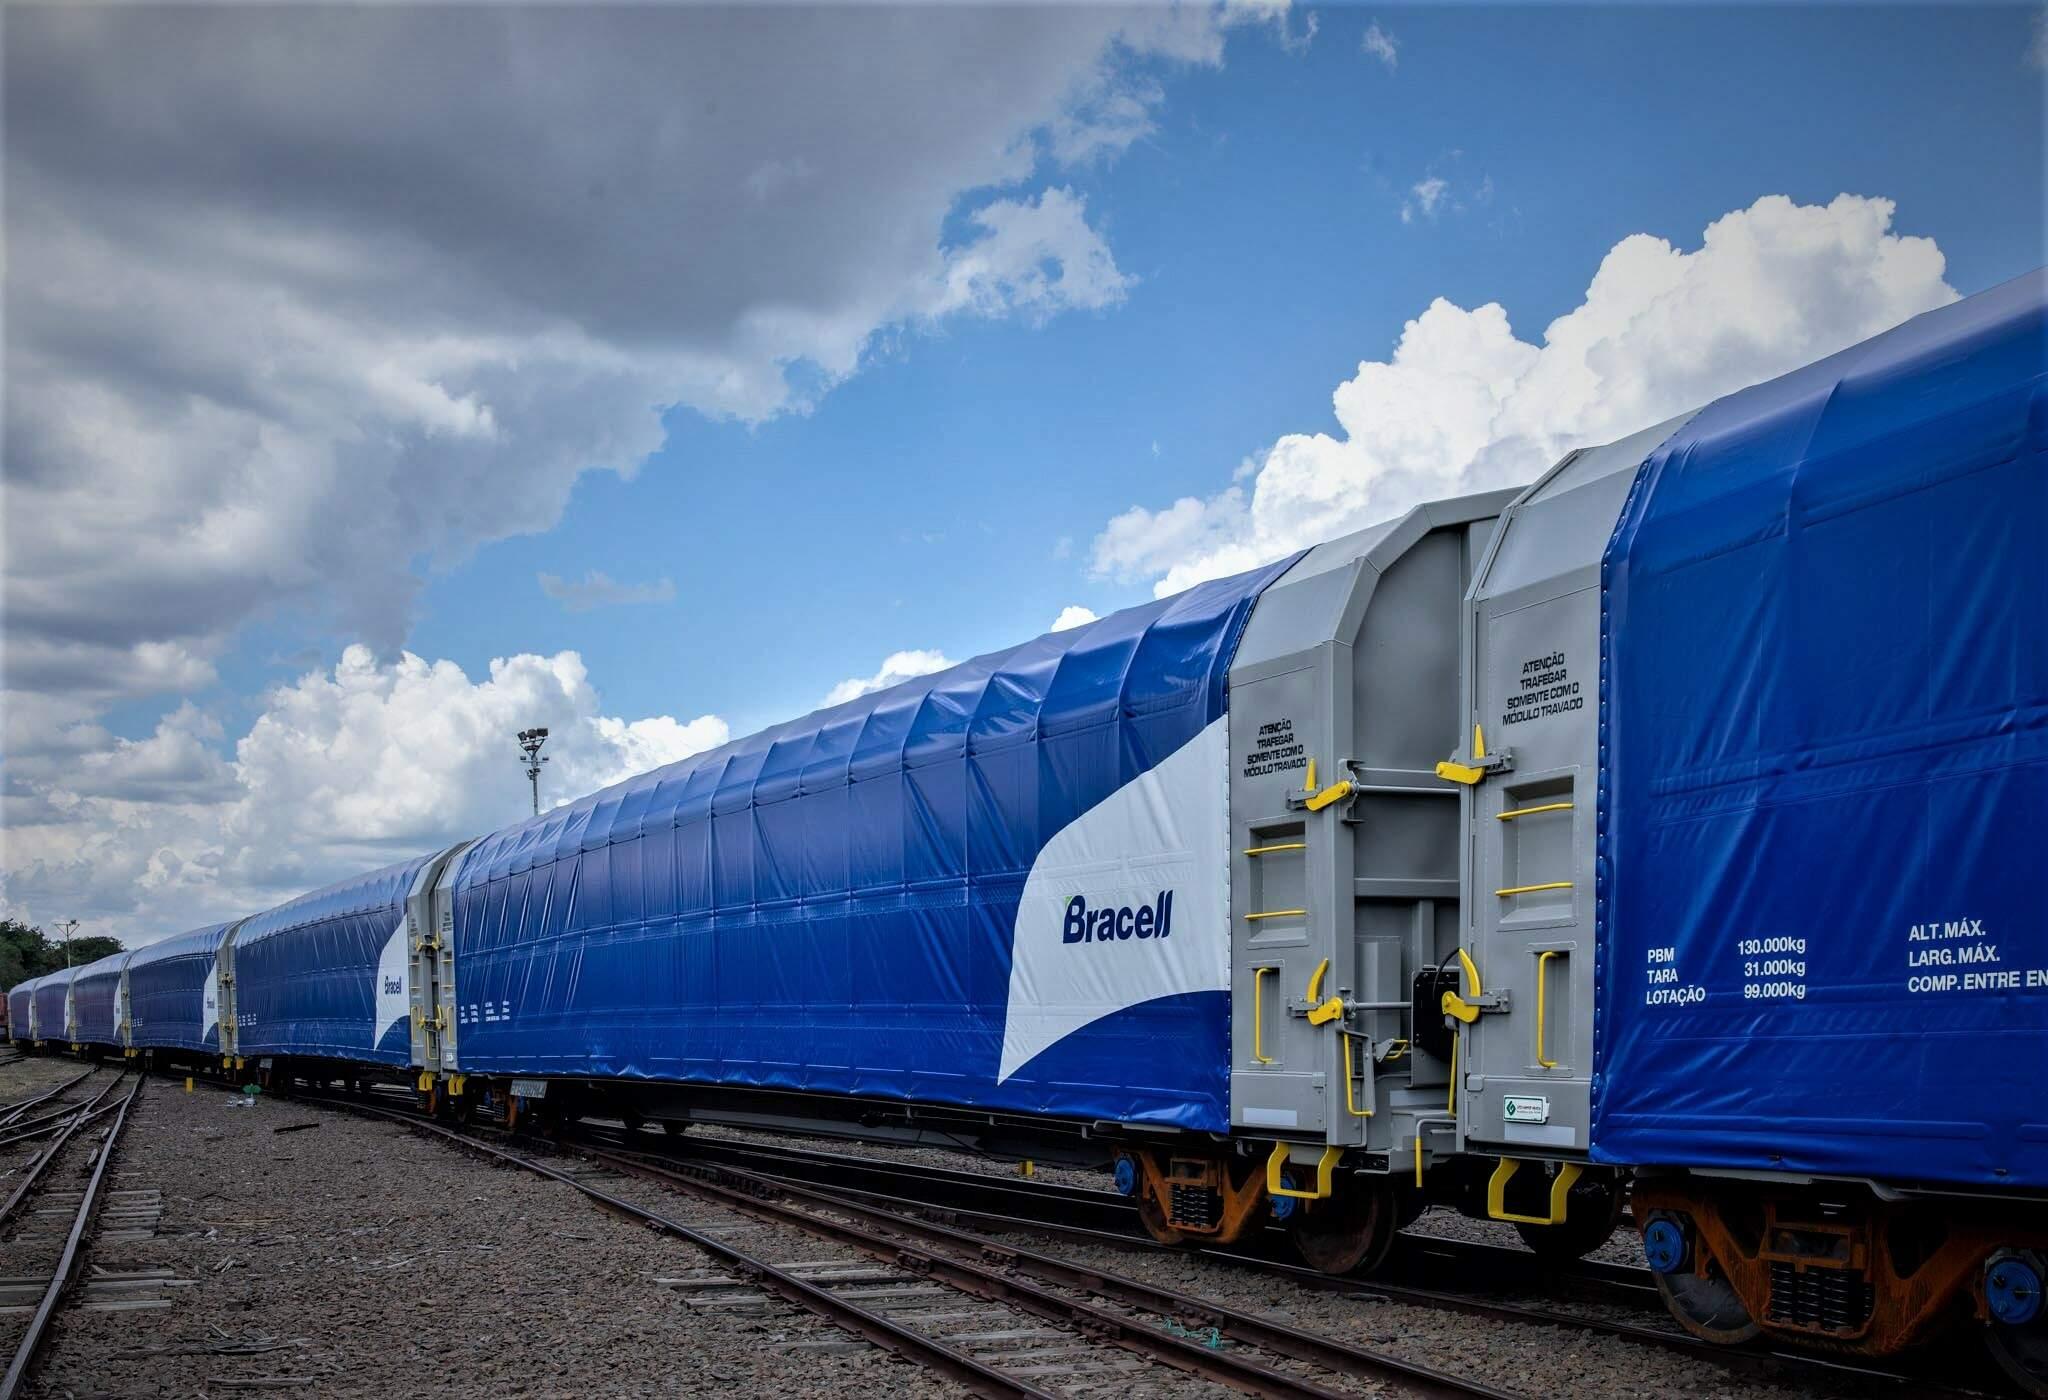 Bracell - ferrovia - construção